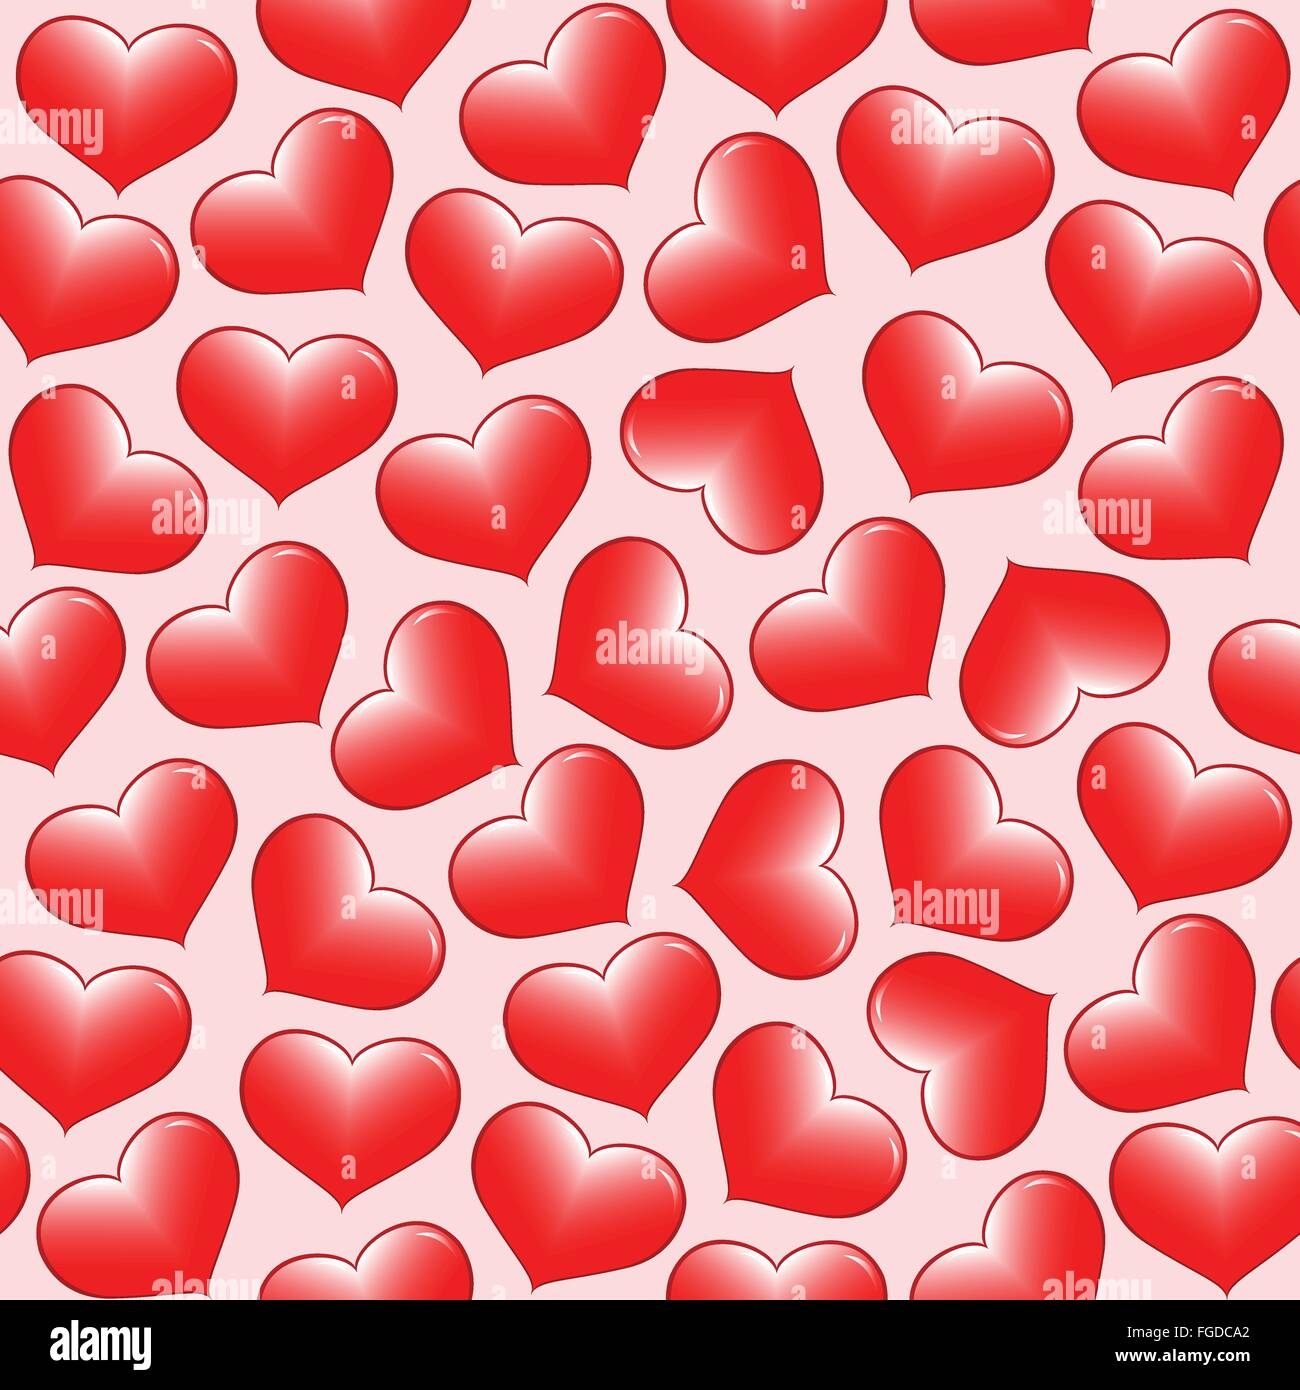 Seamless sfondo vettoriale di cuori rossi. Immagini Stock